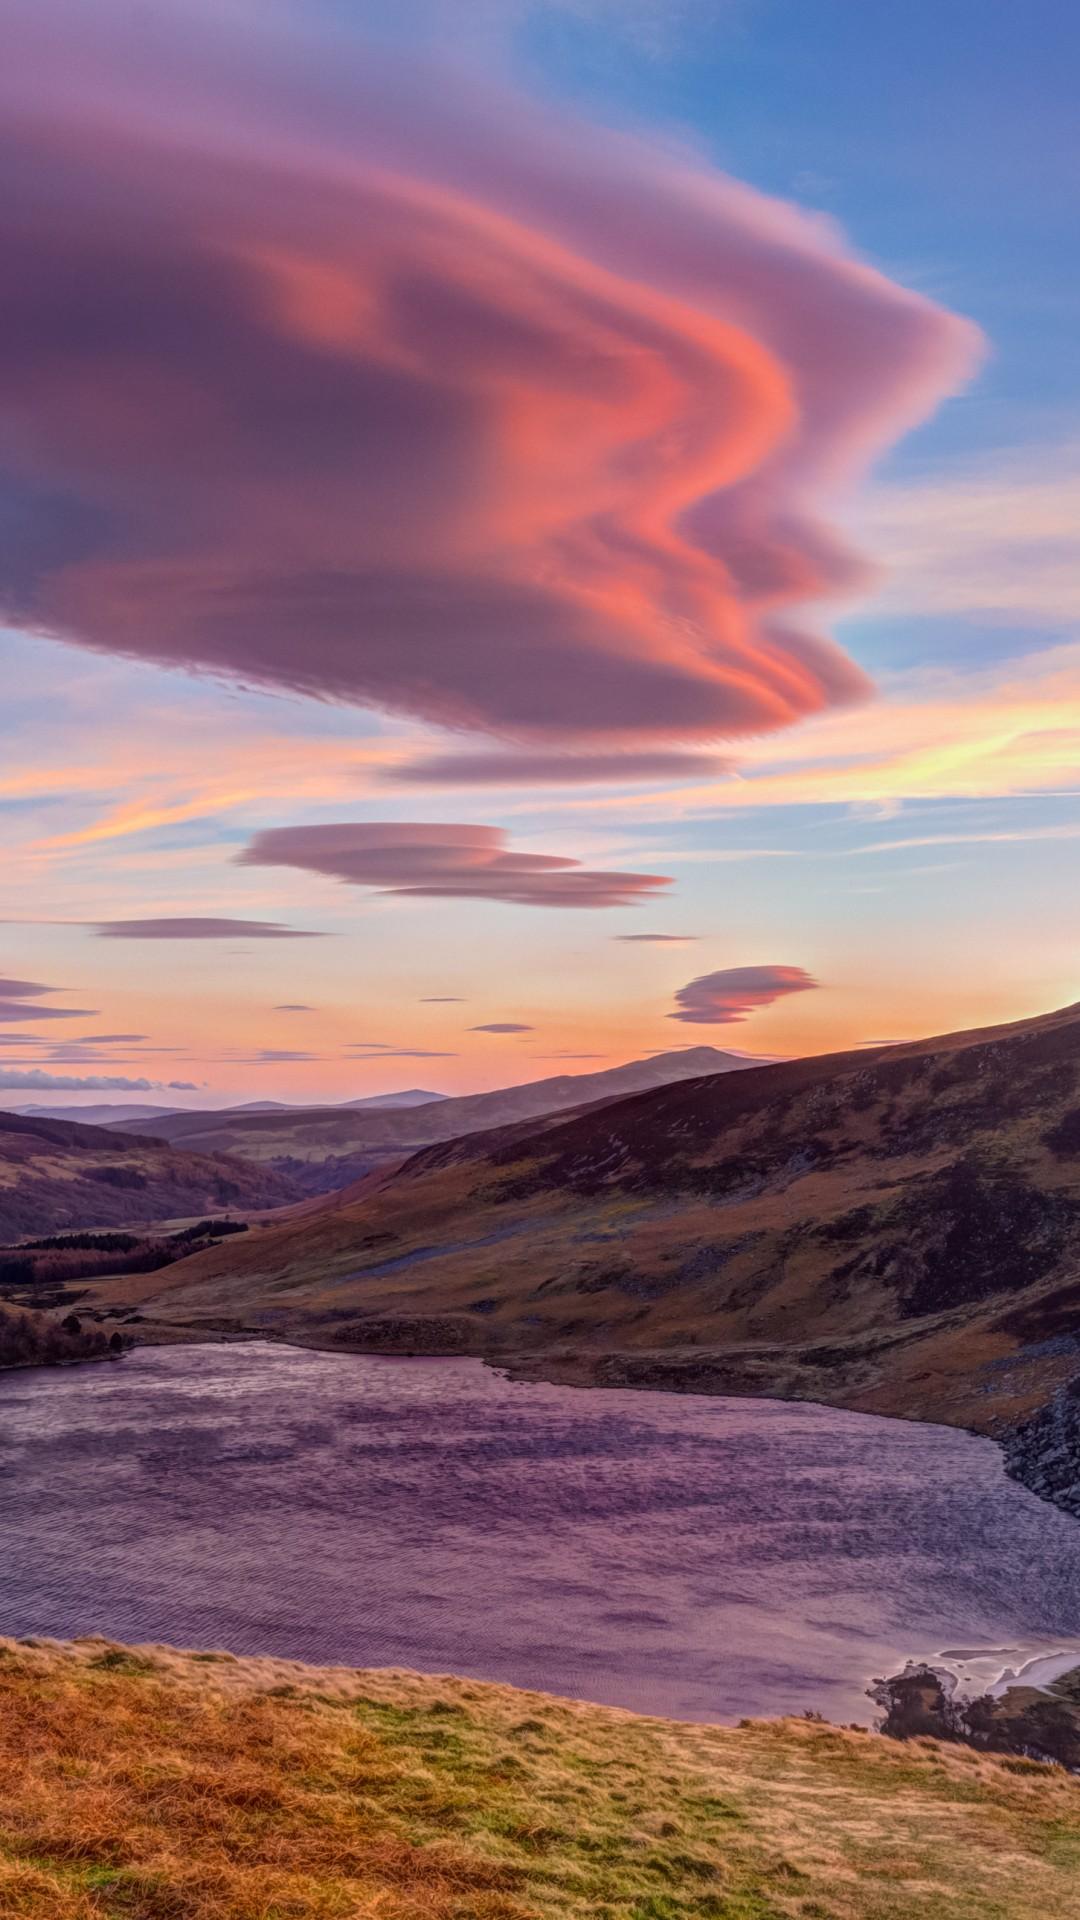 Wallpaper Hill Cloud 4k Hd Wallpaper Sky Sunset